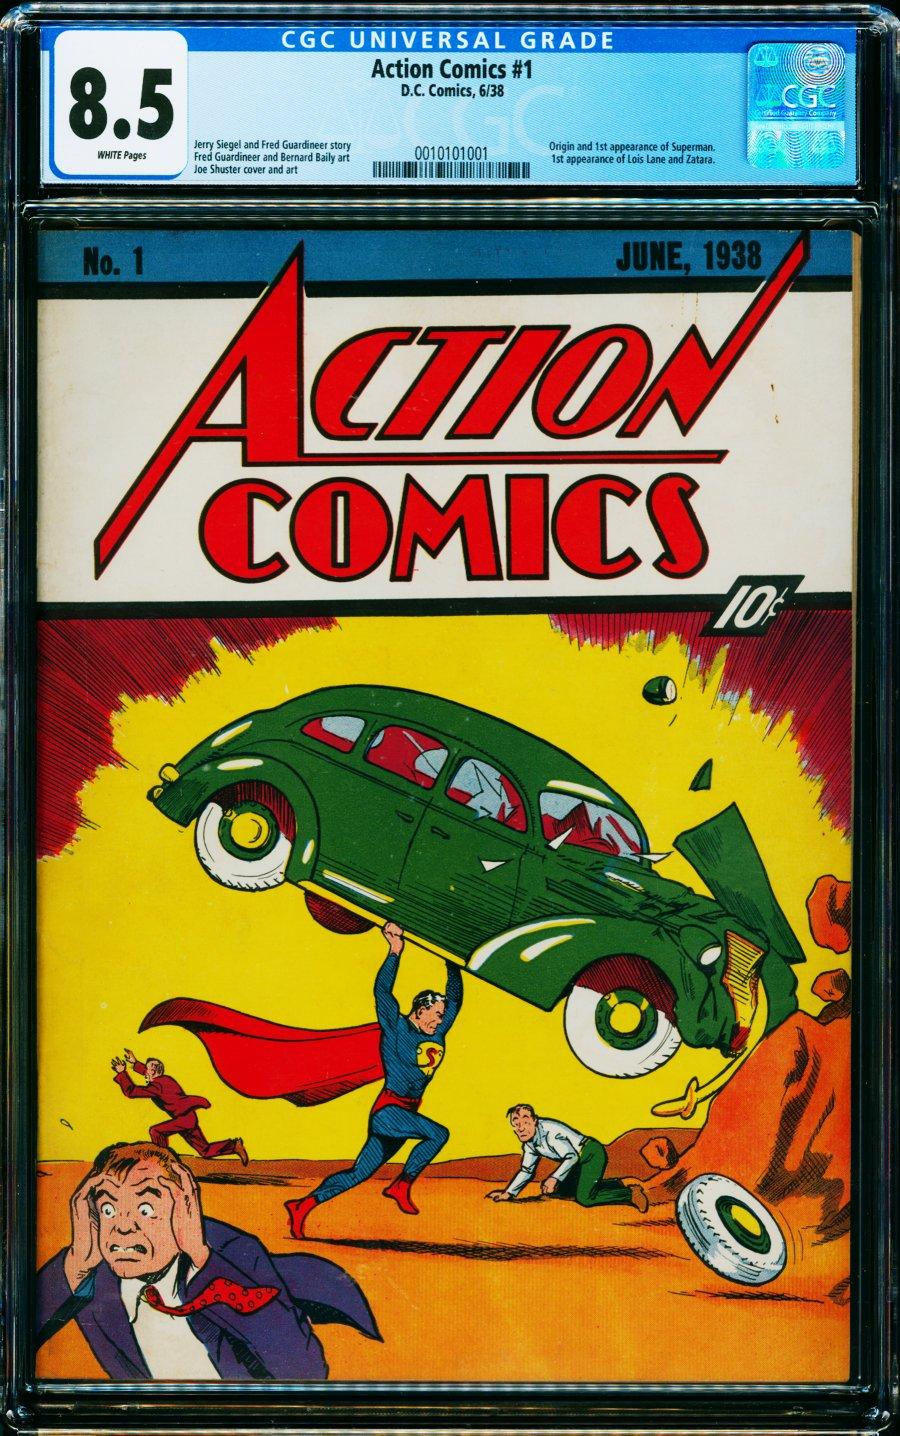 action comics 1 comic connect 2021 - Action Comics #1 se vende por la cifra récord de 3,25 millones de dólares